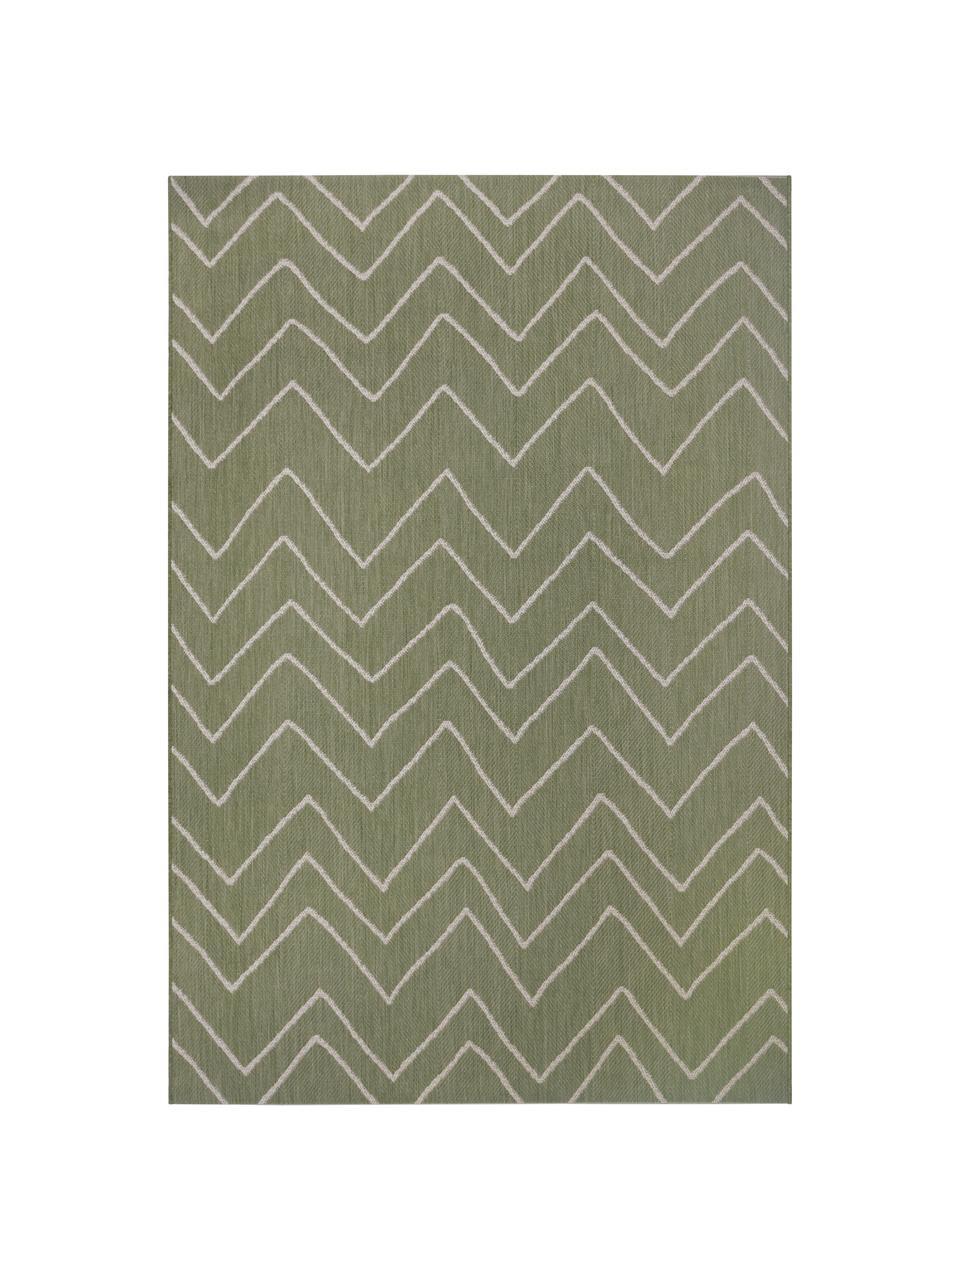 In- & Outdoor-Teppich Waves mit Zick-Zack-Muster, 100% Polypropylen, Grün, Cremeweiß, B 200 x L 290 cm (Größe L)